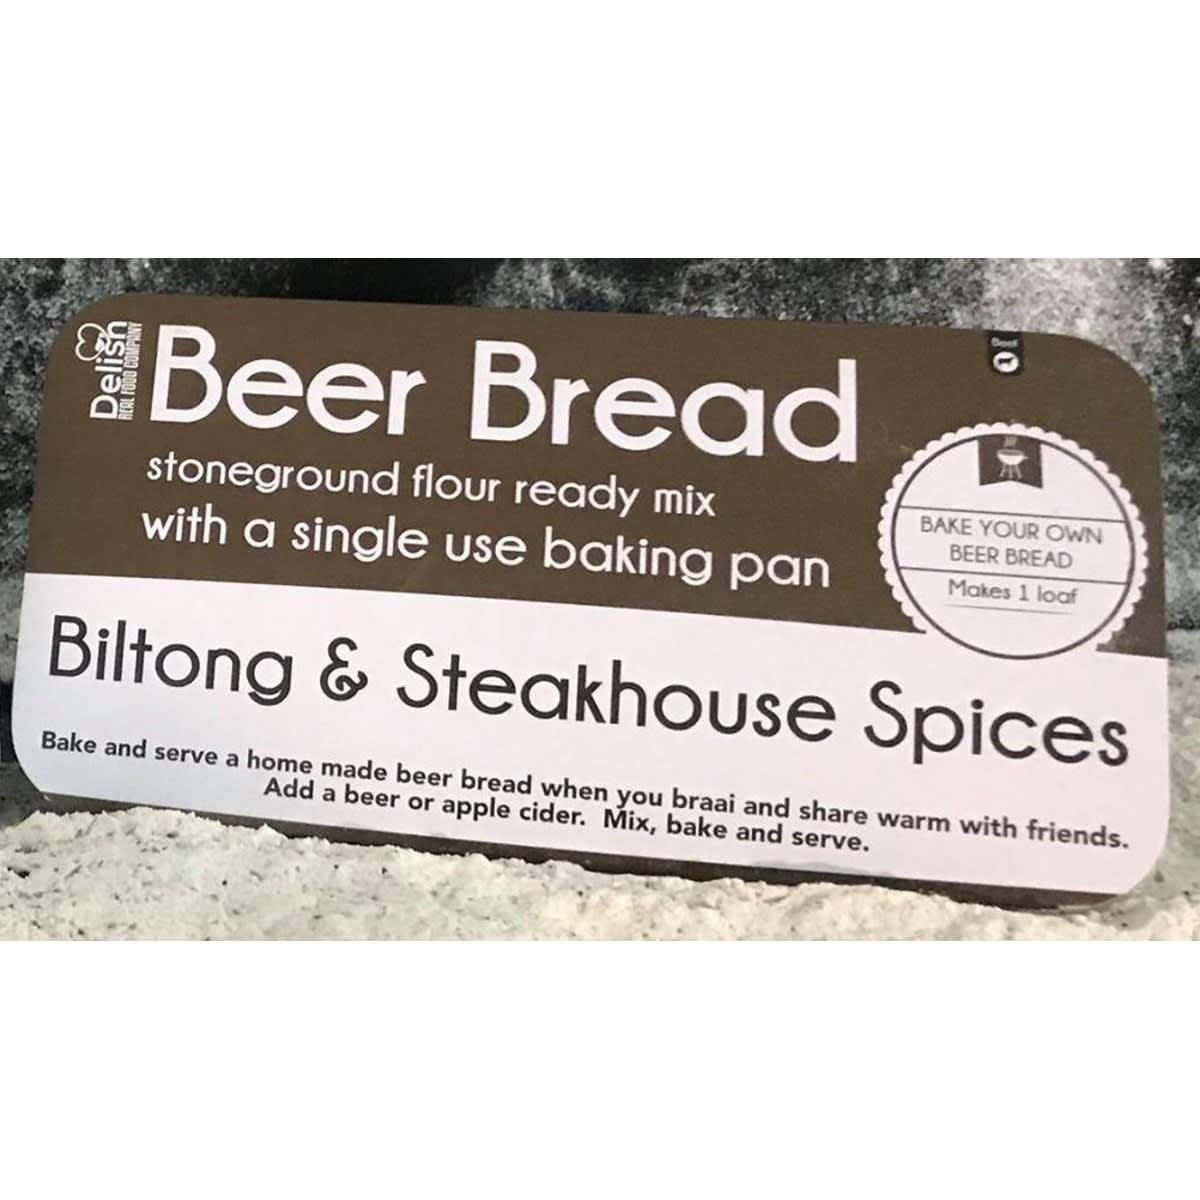 Delish Beer bread biltong and single use pan